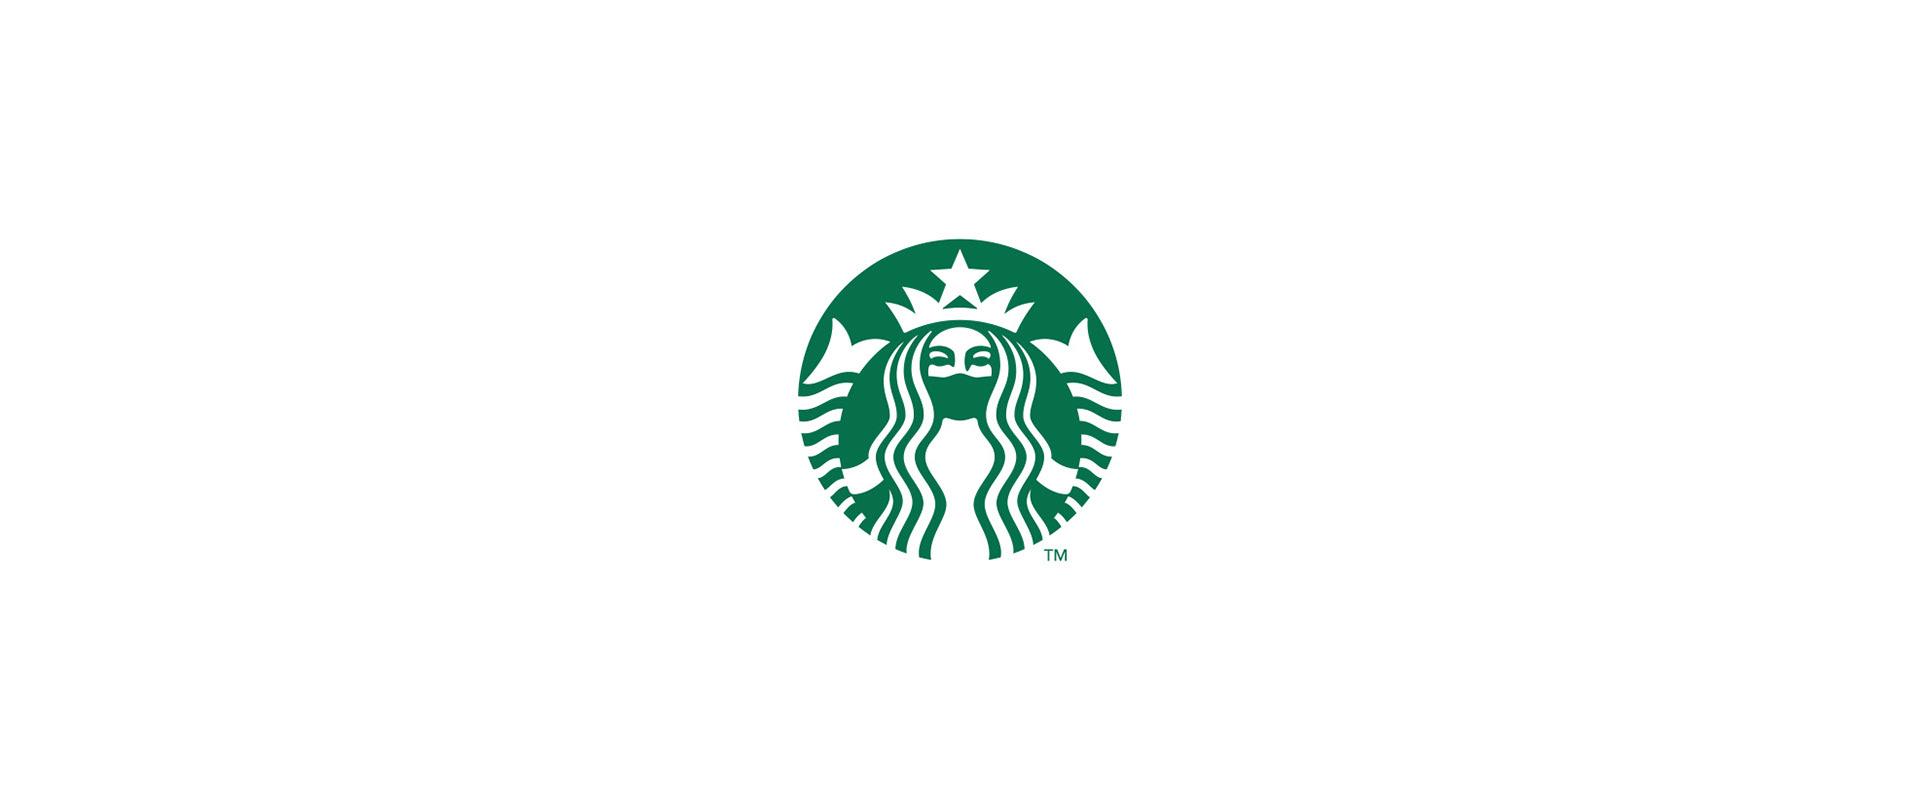 Redesain logo starbucks dalam wabah Covid-19